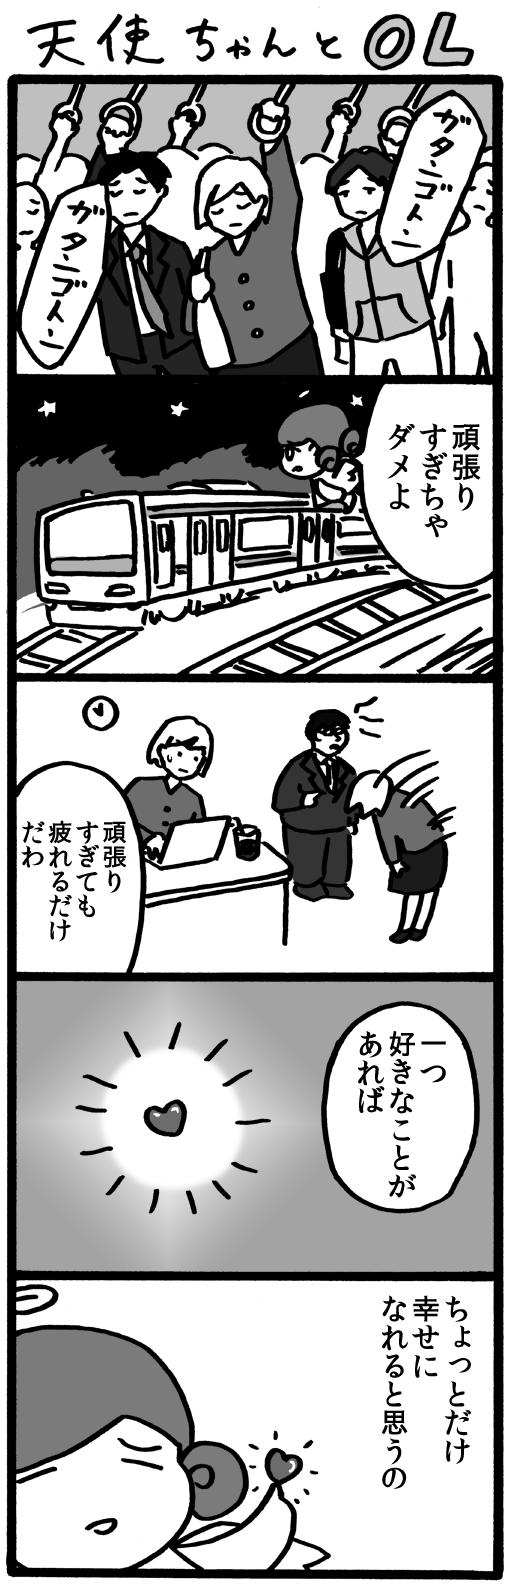 天使ちゃんとOL1030